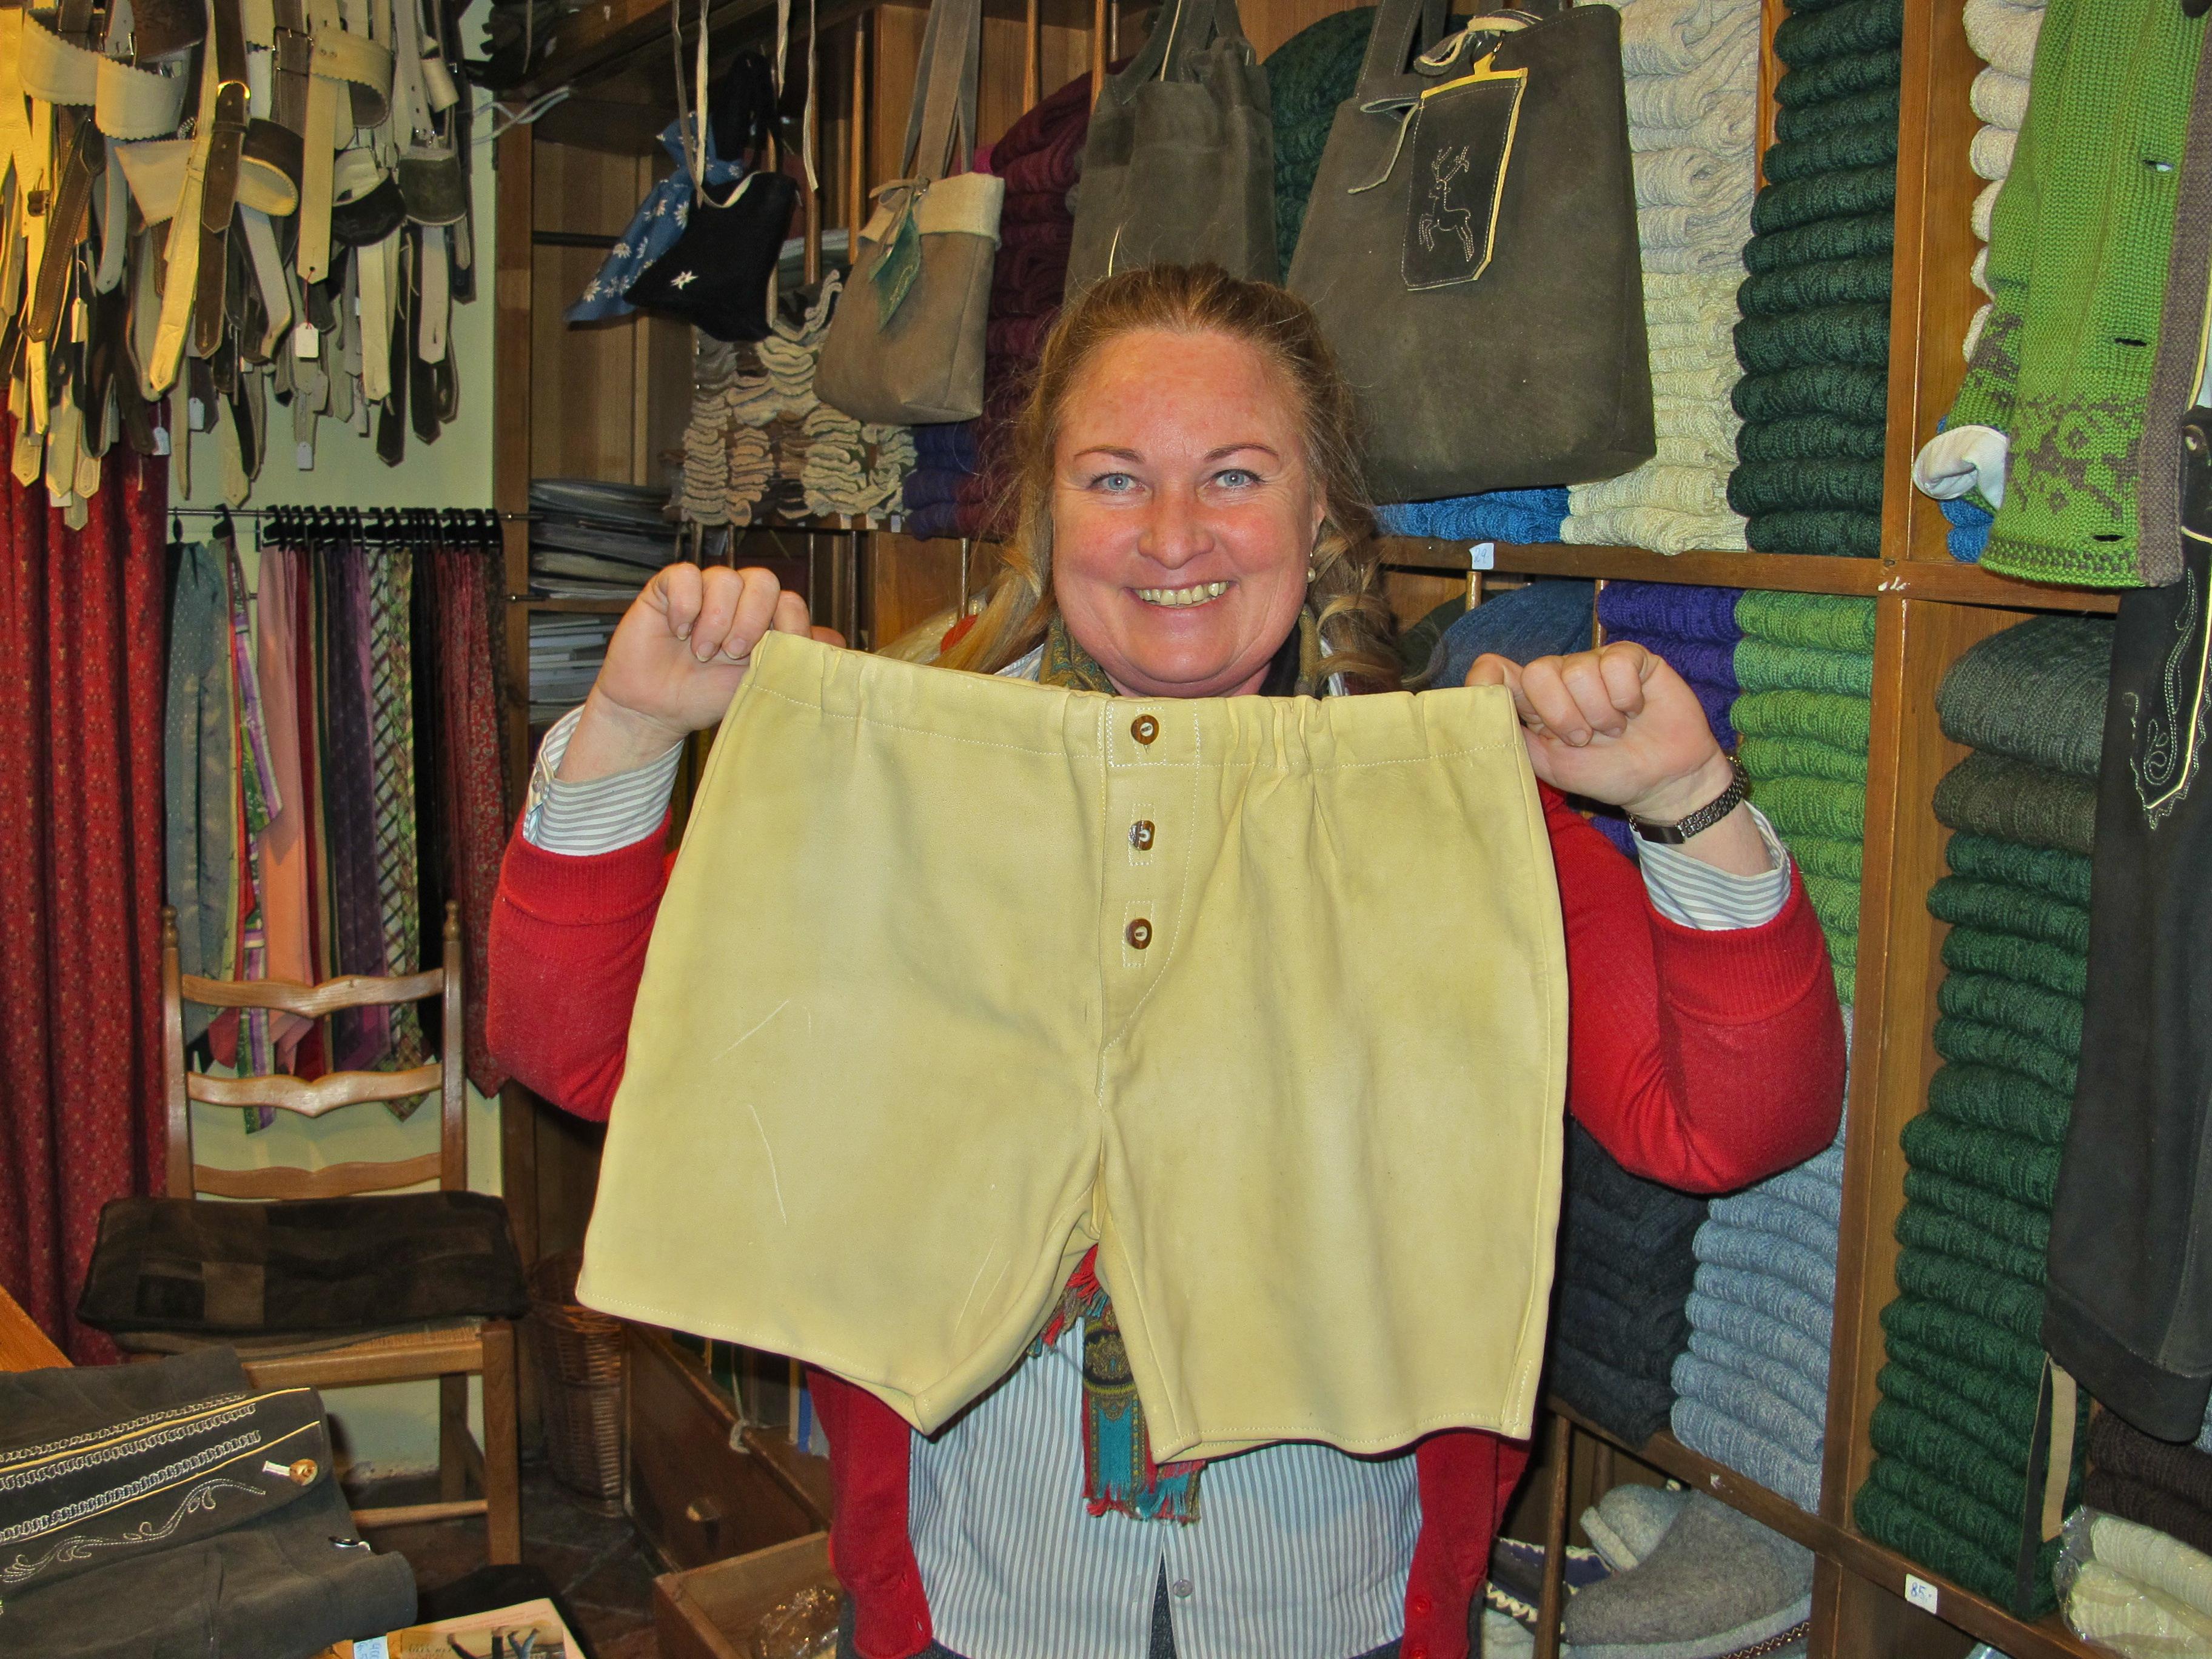 Auch unten drunter soll's schick sein: Die lederne Unterhose für den Mann, stolze 400 Euro.